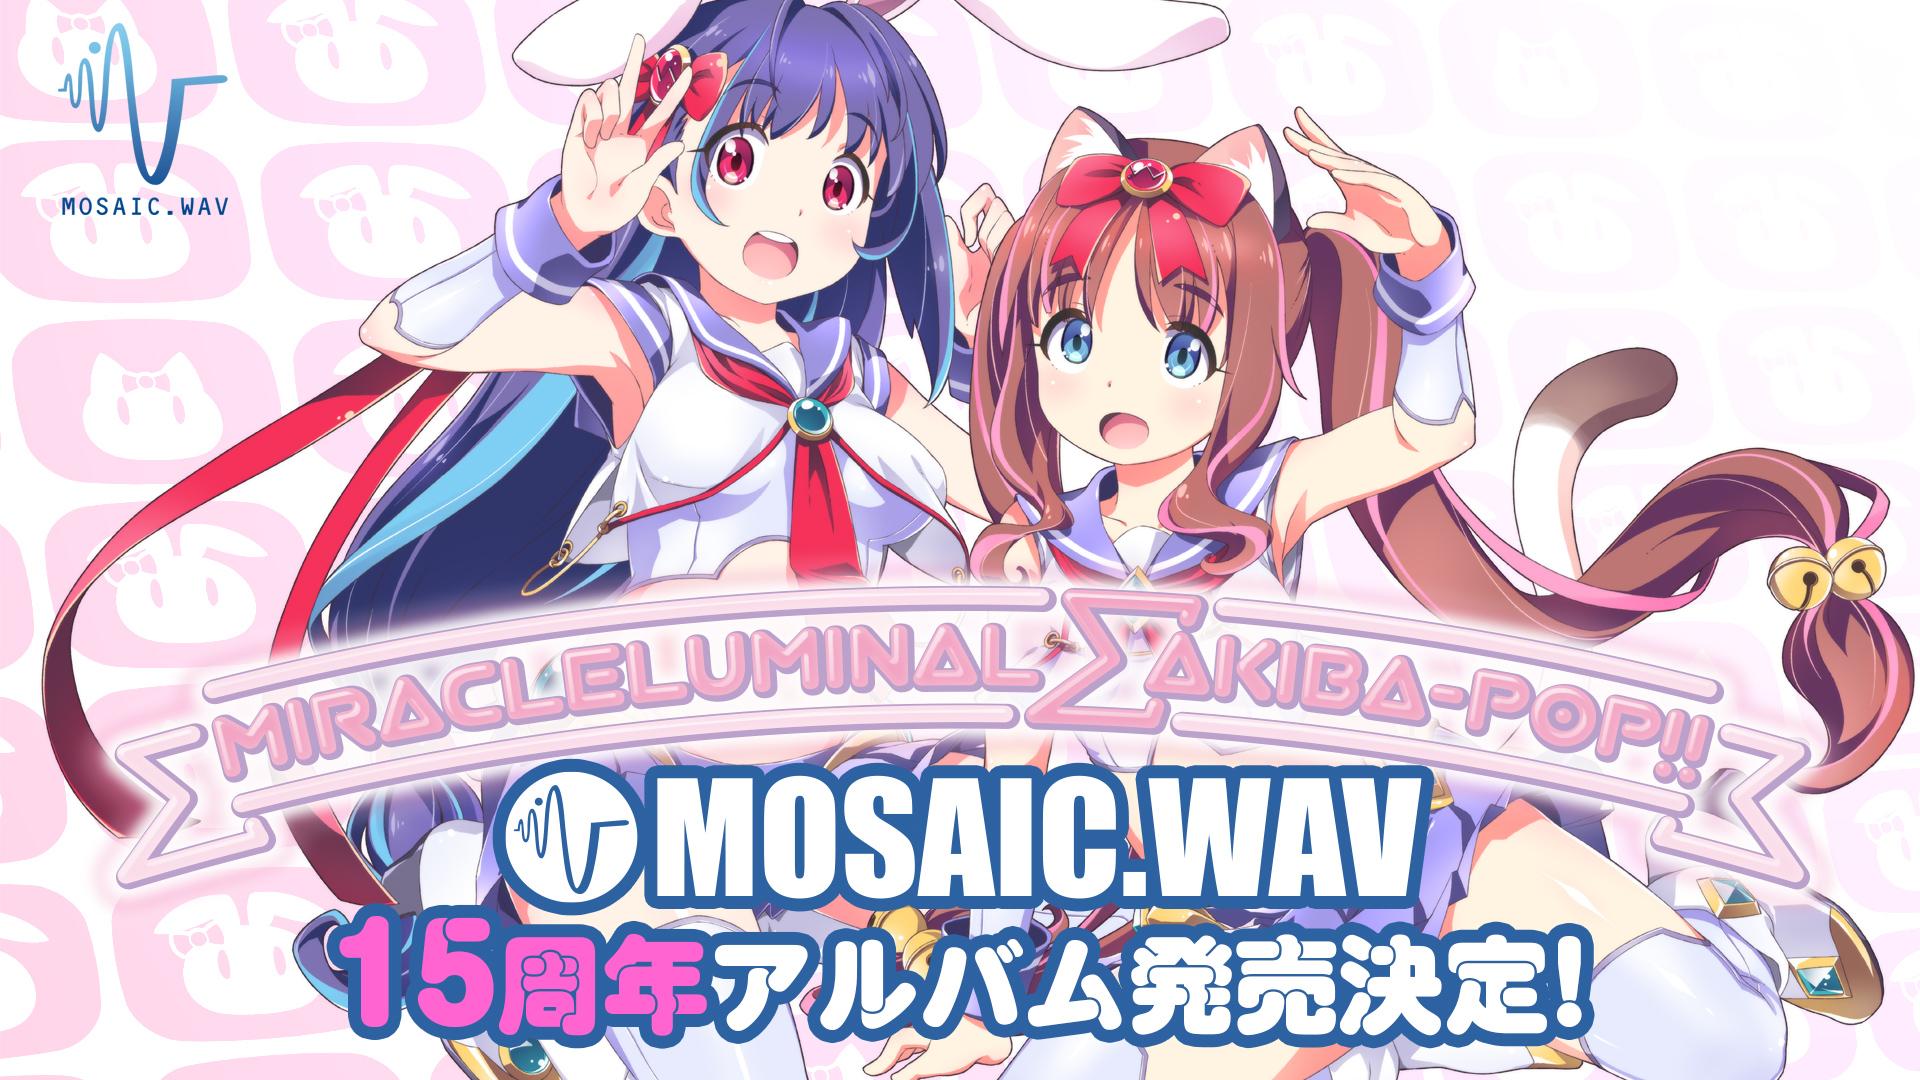 miracleluminalΣakiba pop mosaic wav15周年アルバム